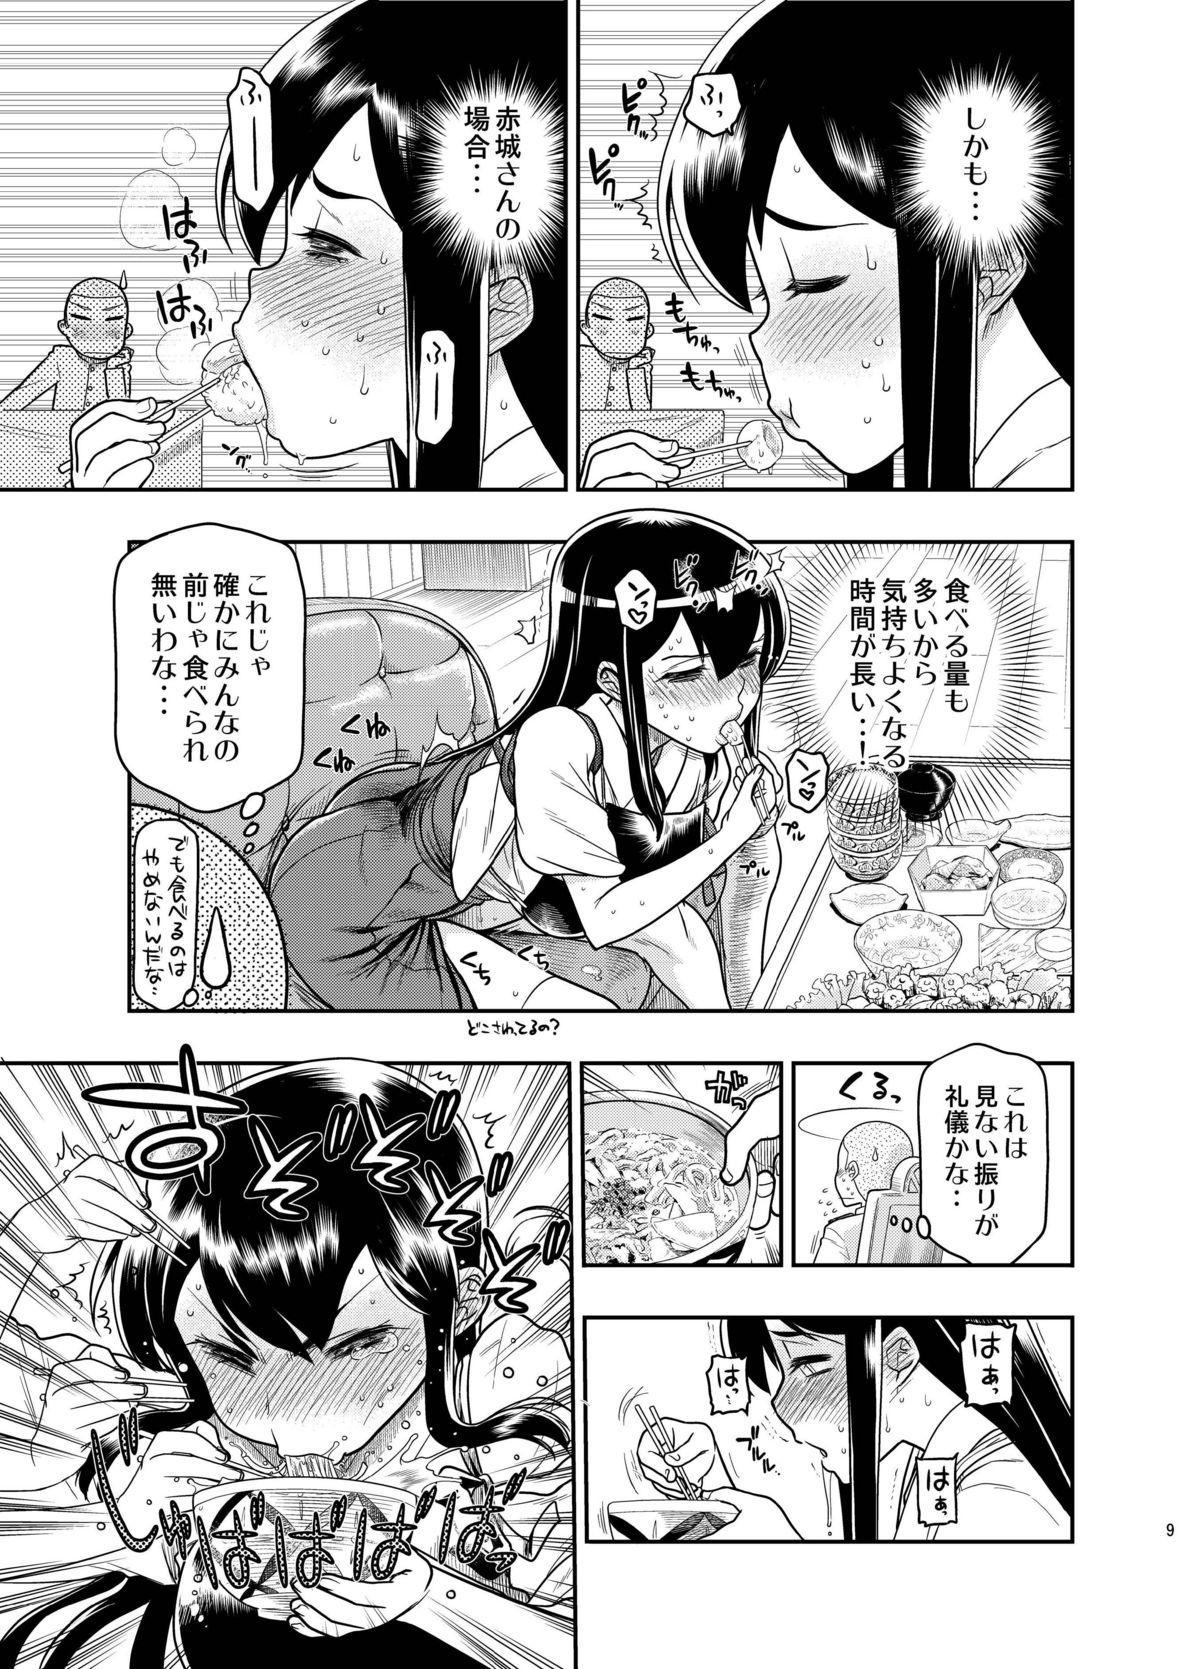 Oshiri no Ookii Akagi-san ni Oishiku Itadakaremashita 7